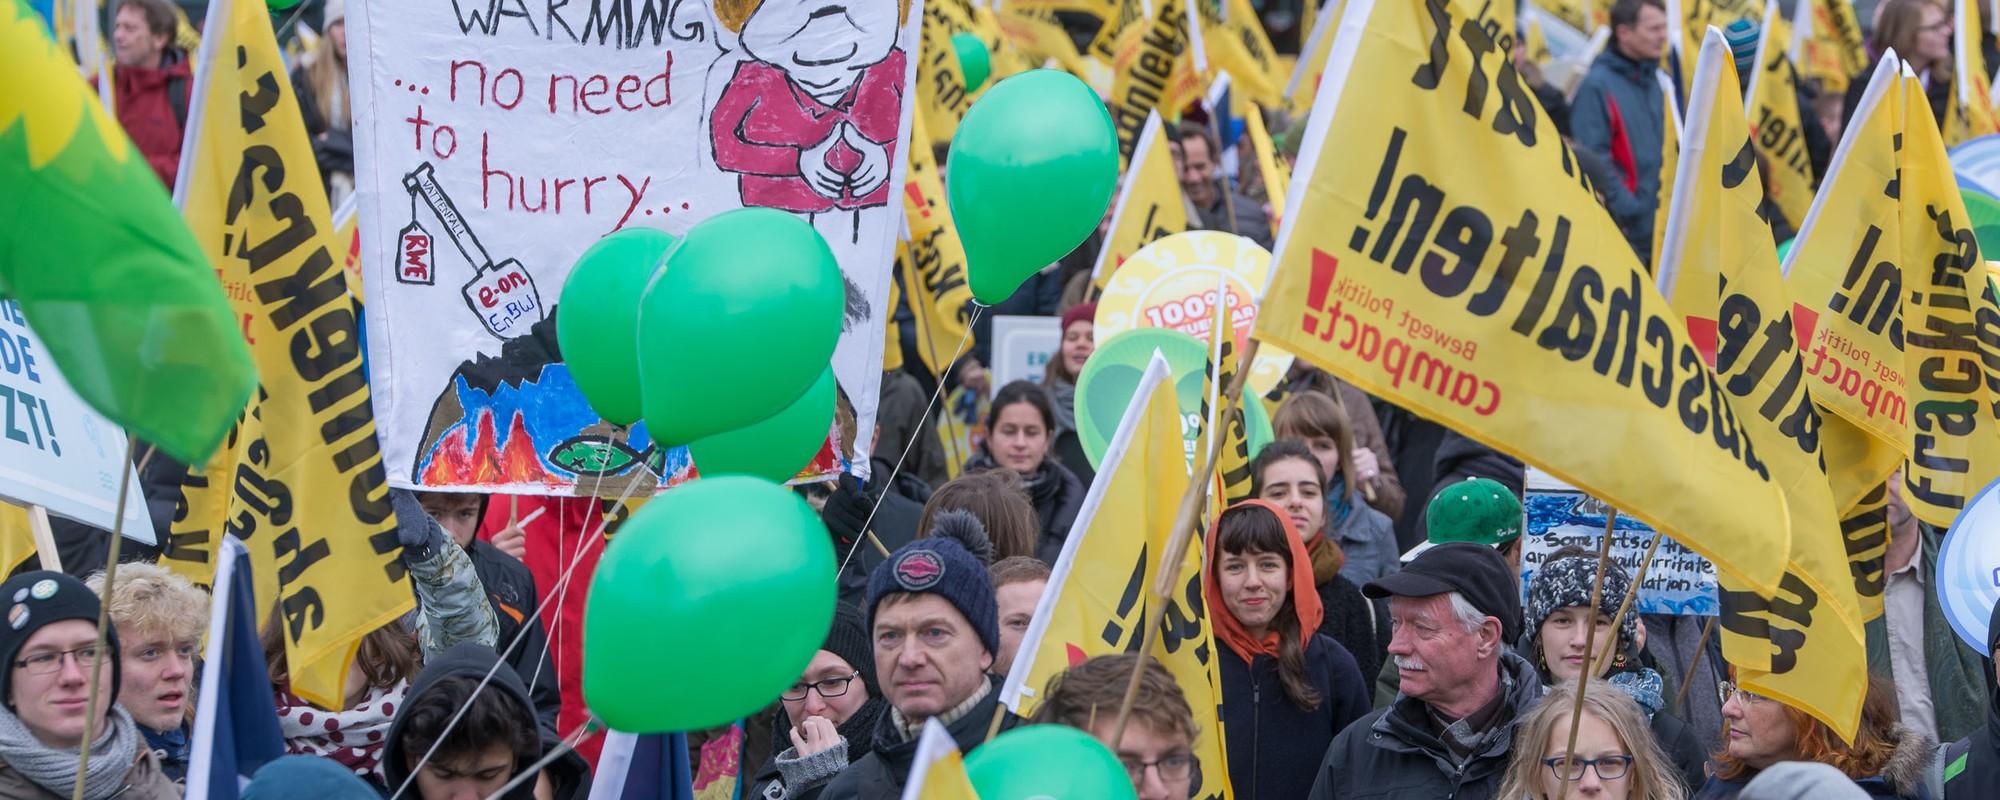 Zehntausend Menschen demonstrieren gegen Kohle